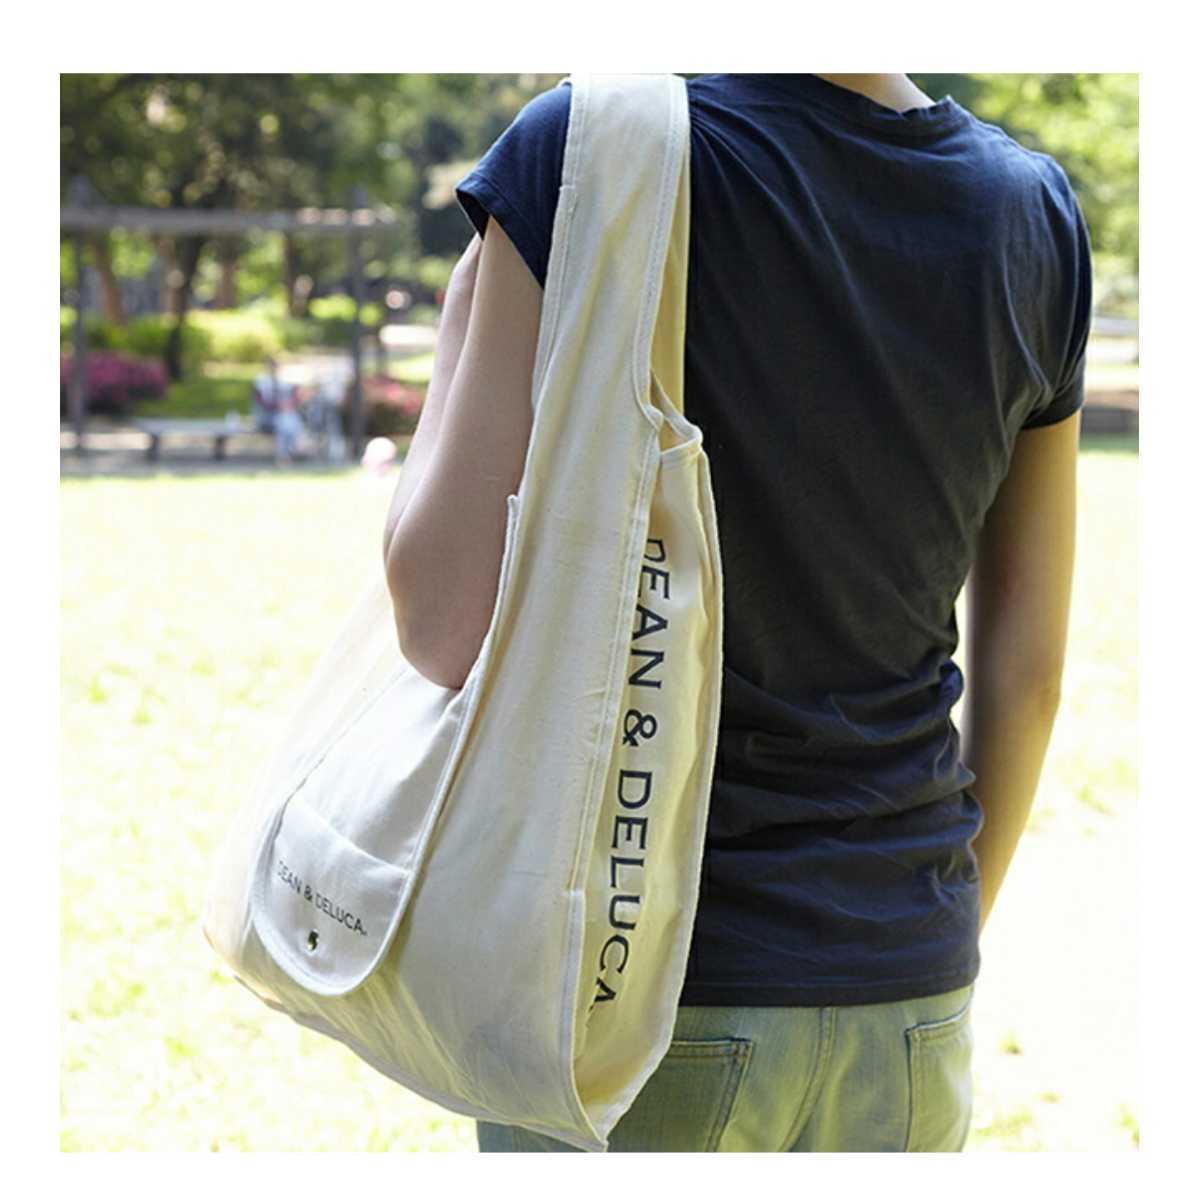 DEAN&DELUCA ショッピングバッグ ナチュラル ベージュ オフホワイト Natural エコバッグ トートバッグ ディーンアンドデルーカ